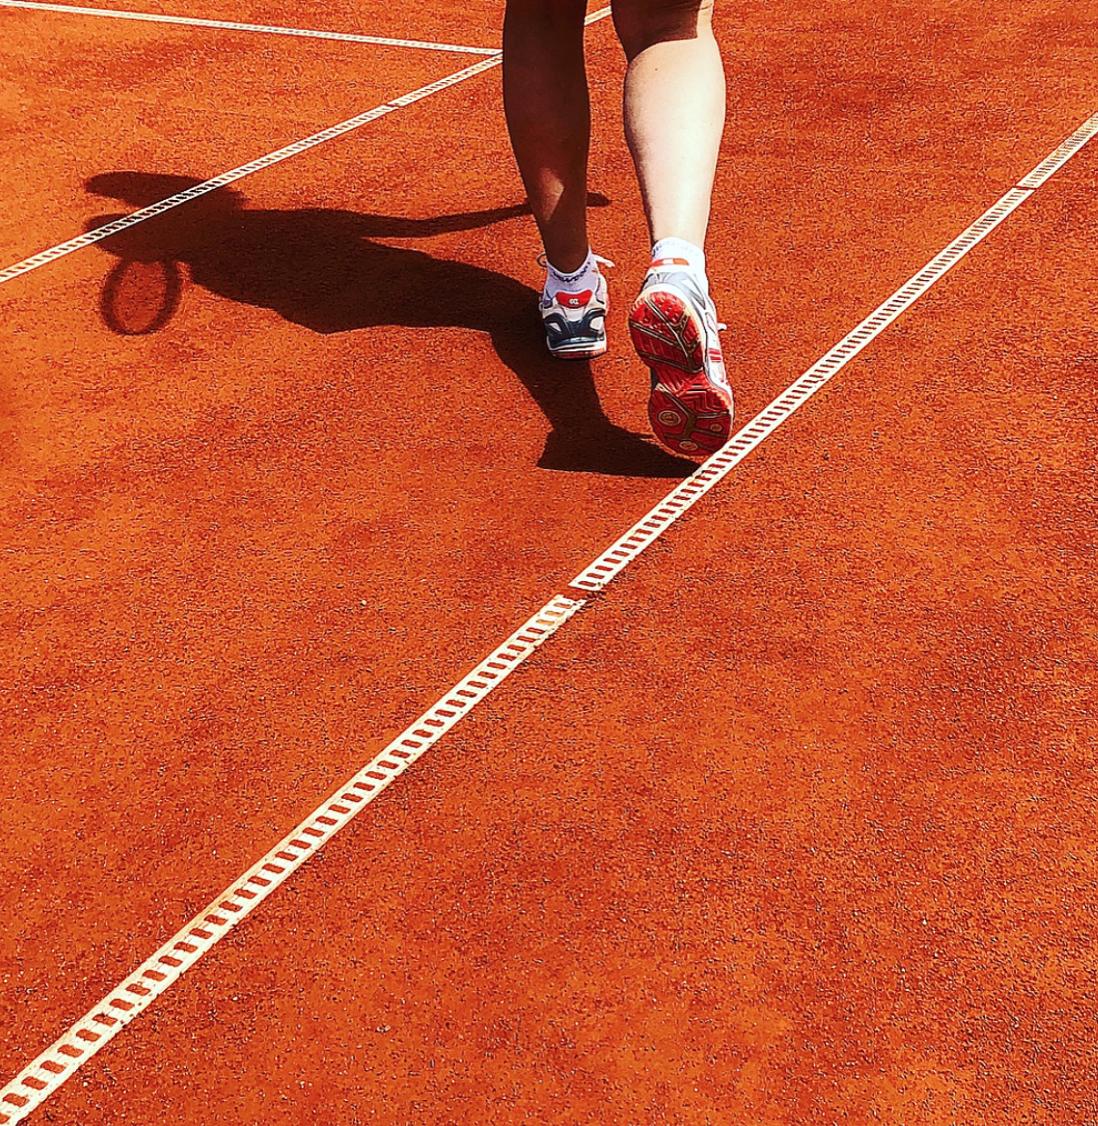 På tennisbanan